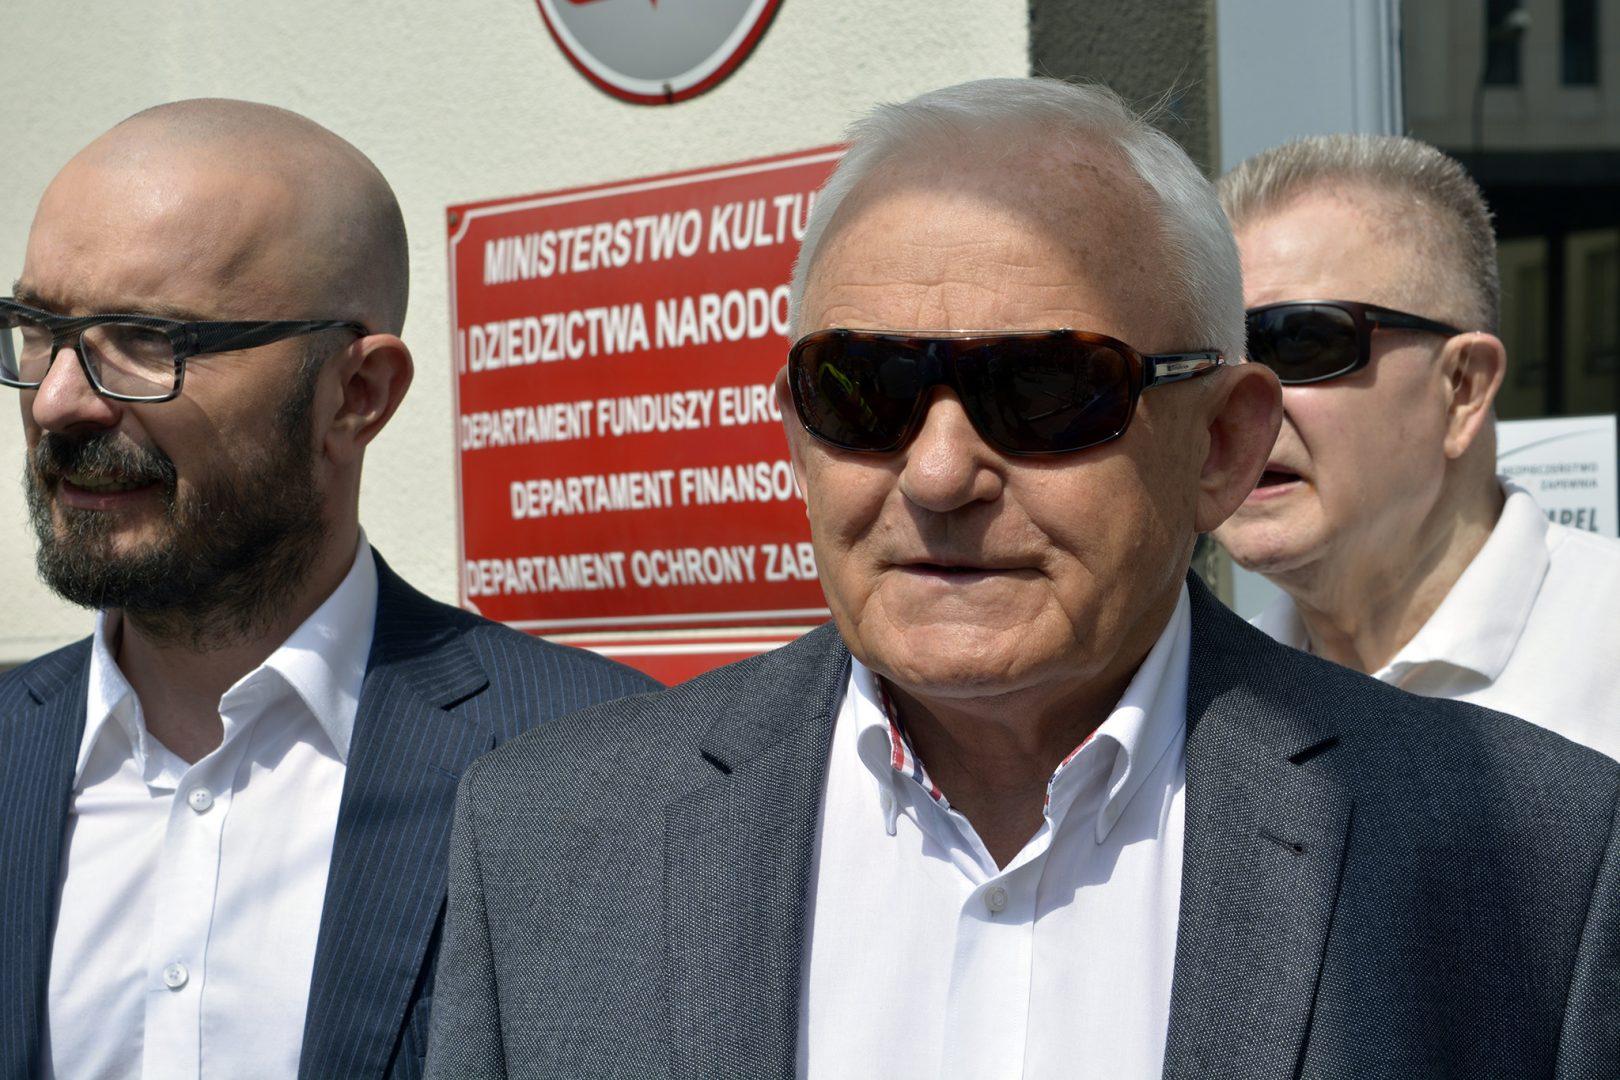 Leszek Miller/fot. SejmLog